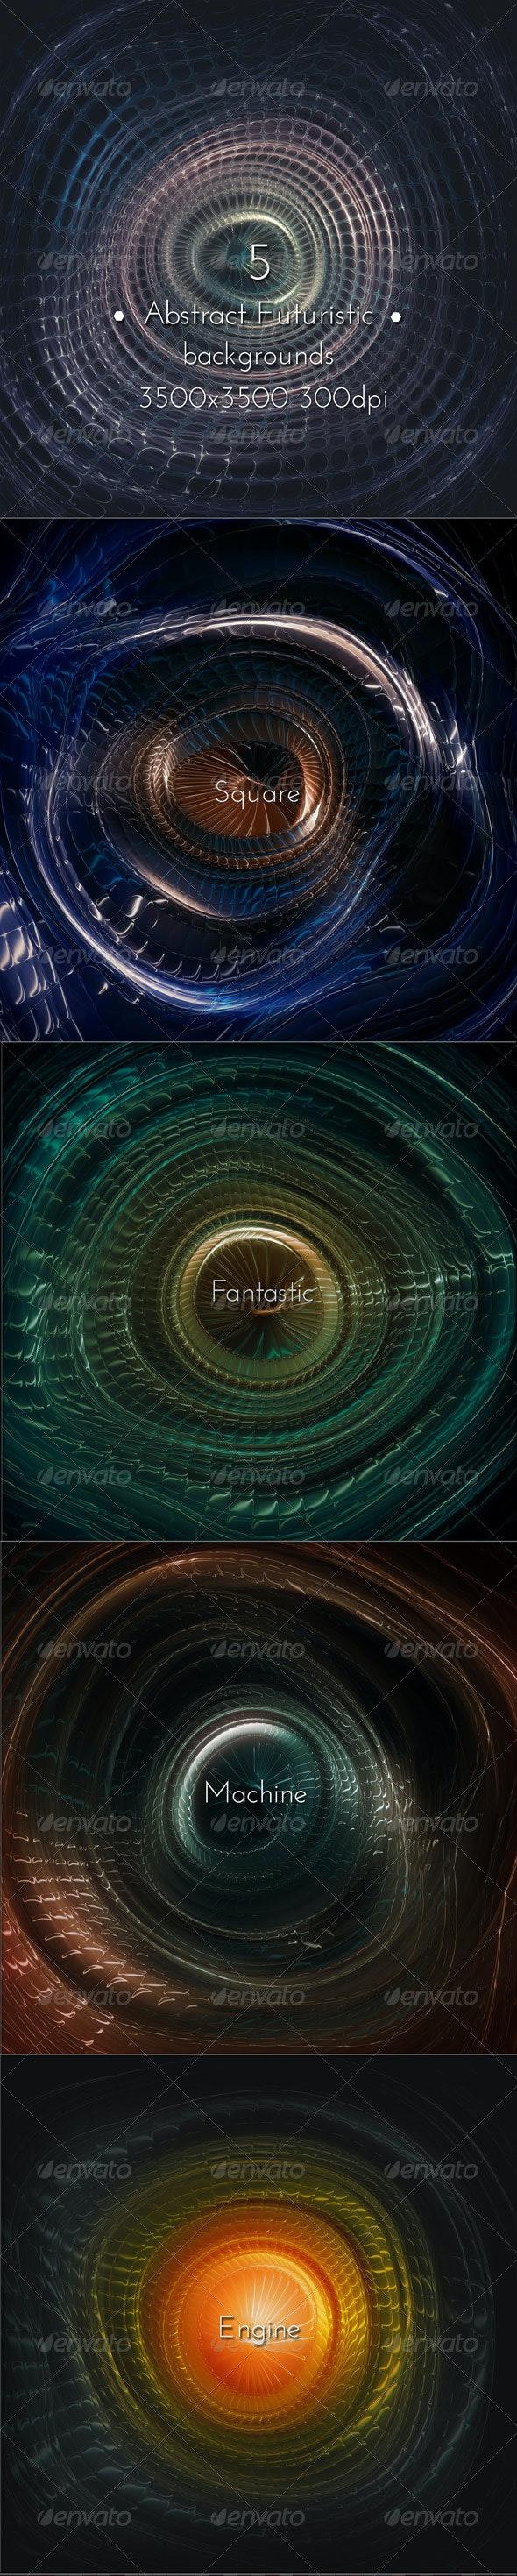 Abstract Futuristic Techno Machine - Tech / Futuristic Backgrounds